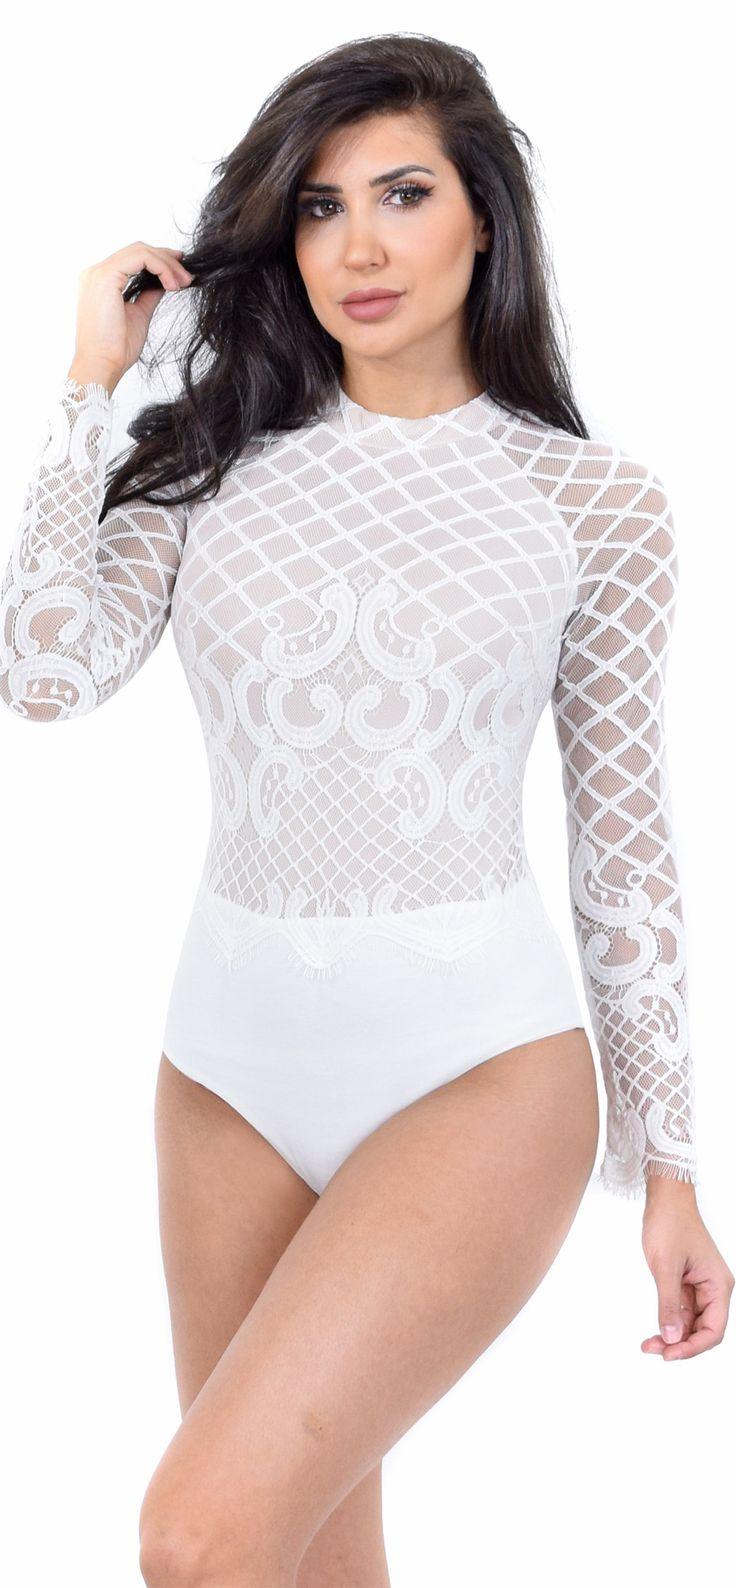 Vanessa White Lace Bodysuit                                                                                                                                                                                 More